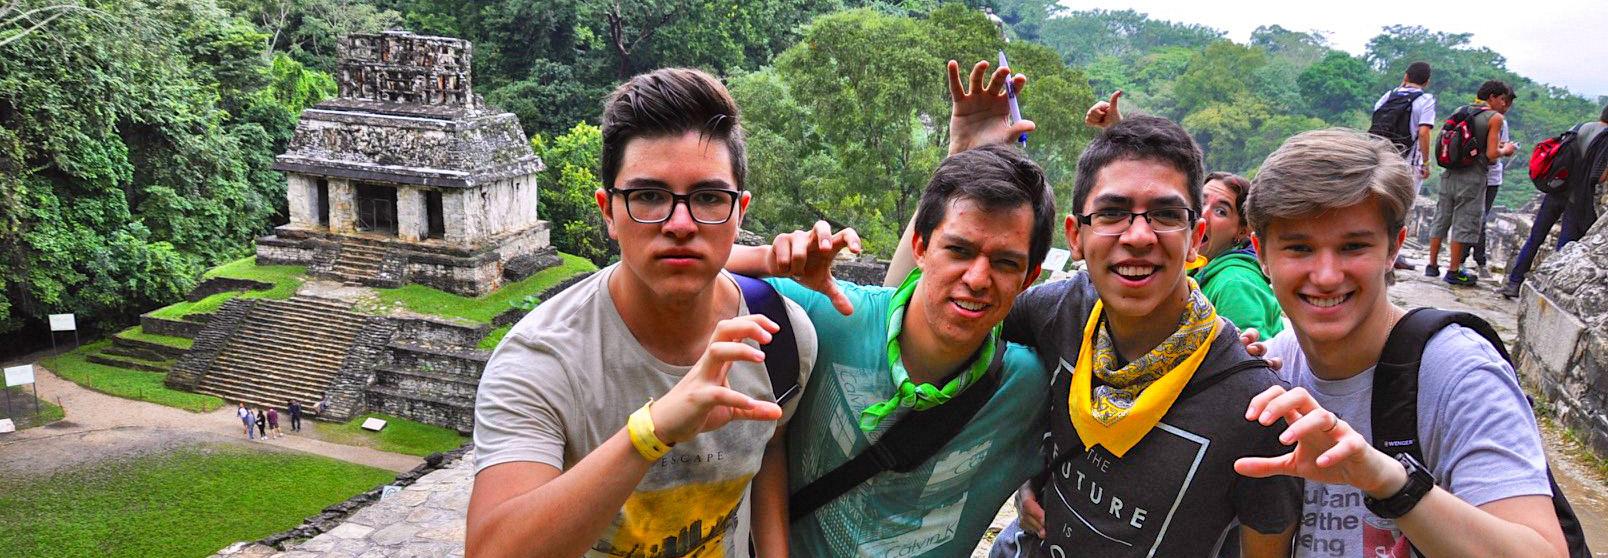 Piaget - Chiapas 401_Snapseed.jpg